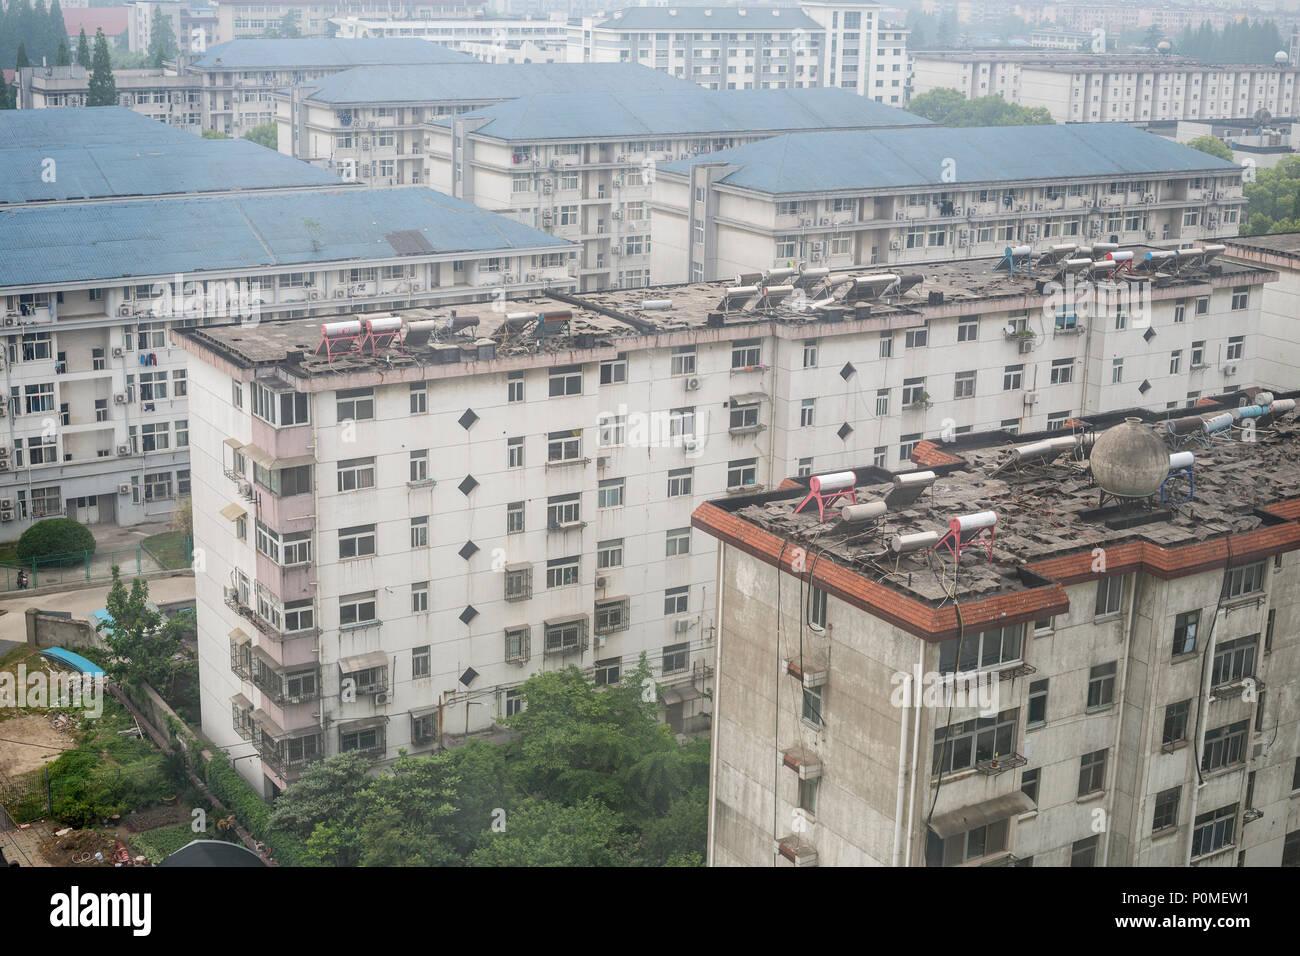 Yangzhou, Jiangsu, Cina. Caloriferi di Acqua Solari su tetti di edifici di appartamenti. Inquinamento dell'aria. Immagini Stock